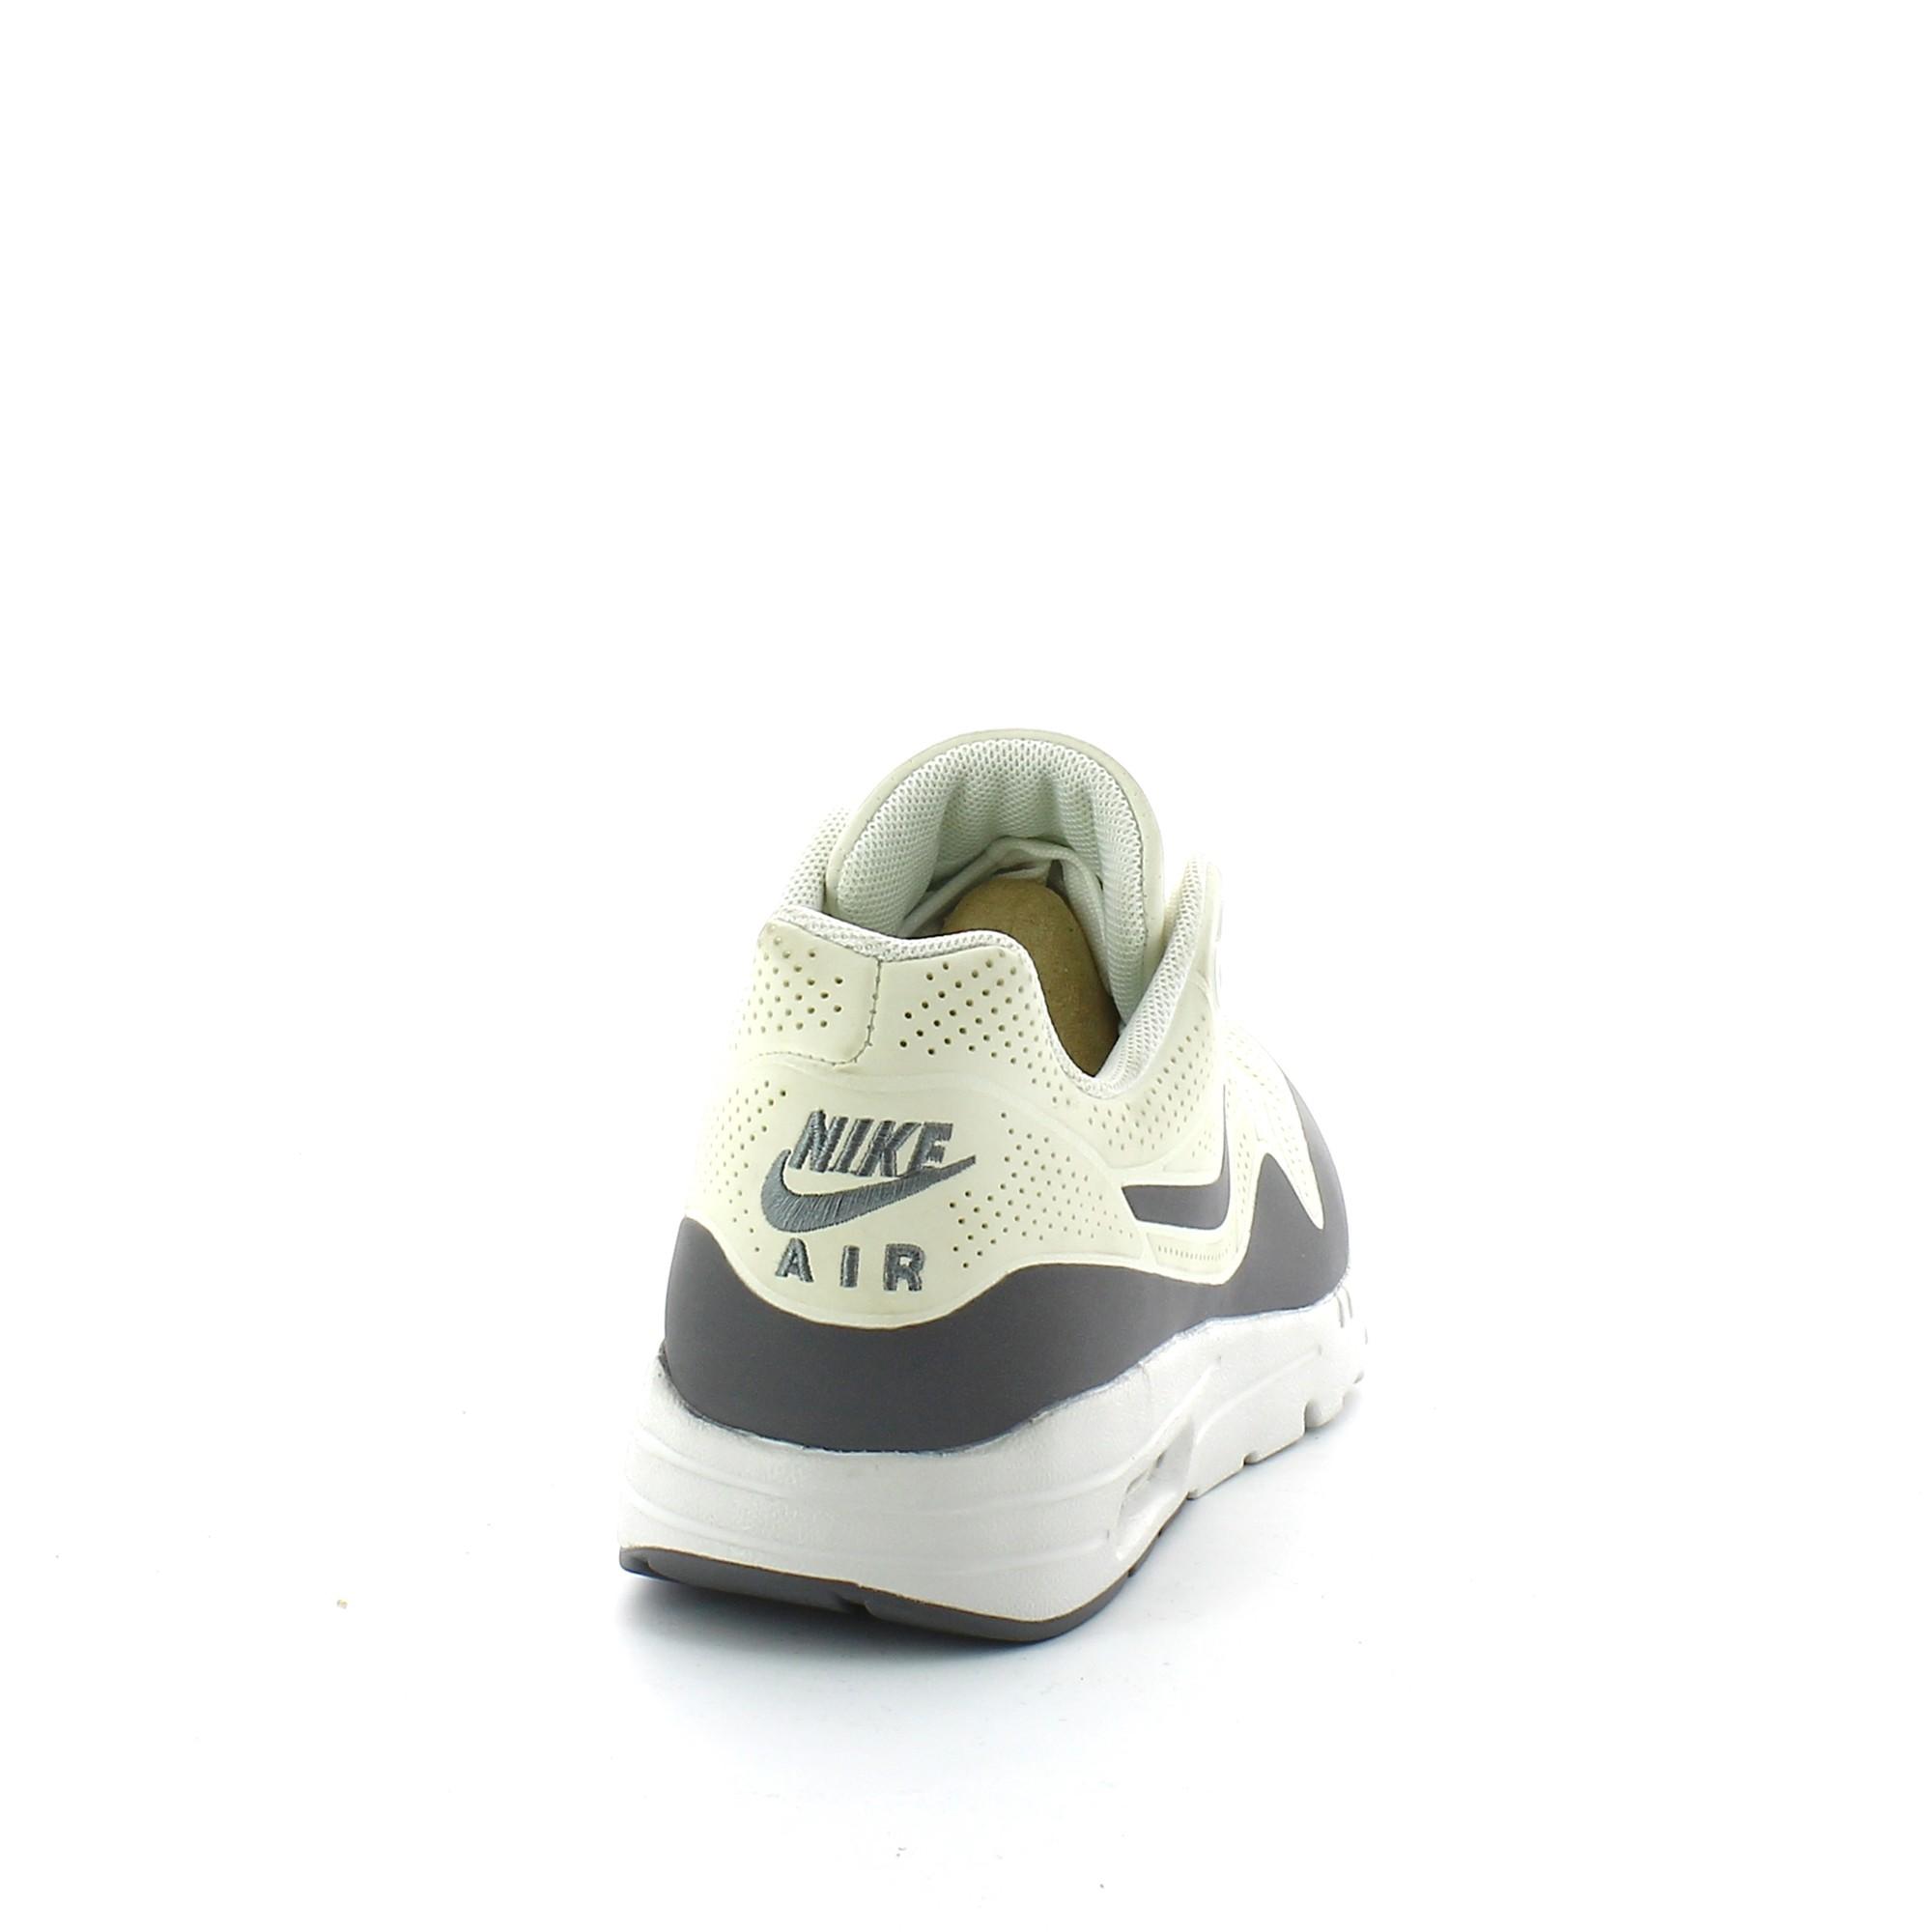 Zapatillas Nike Air Max 1 BlancaVioleta Mujer Deportes Moya